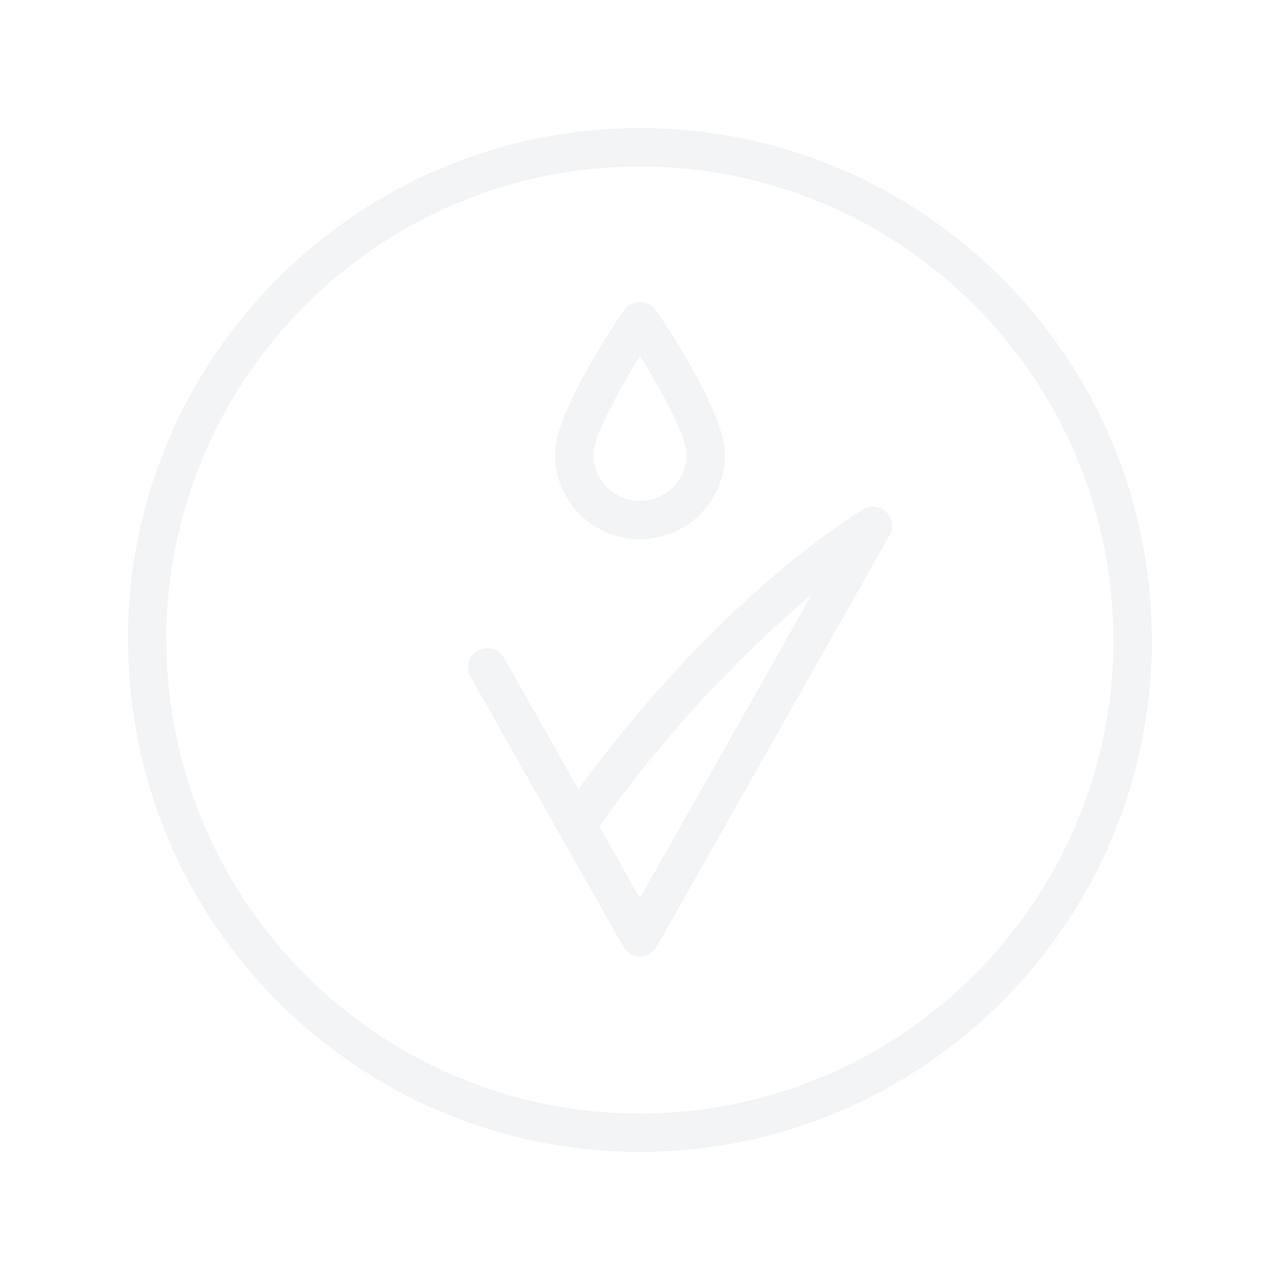 LIERAC Sebologie Blemish Solution 100ml